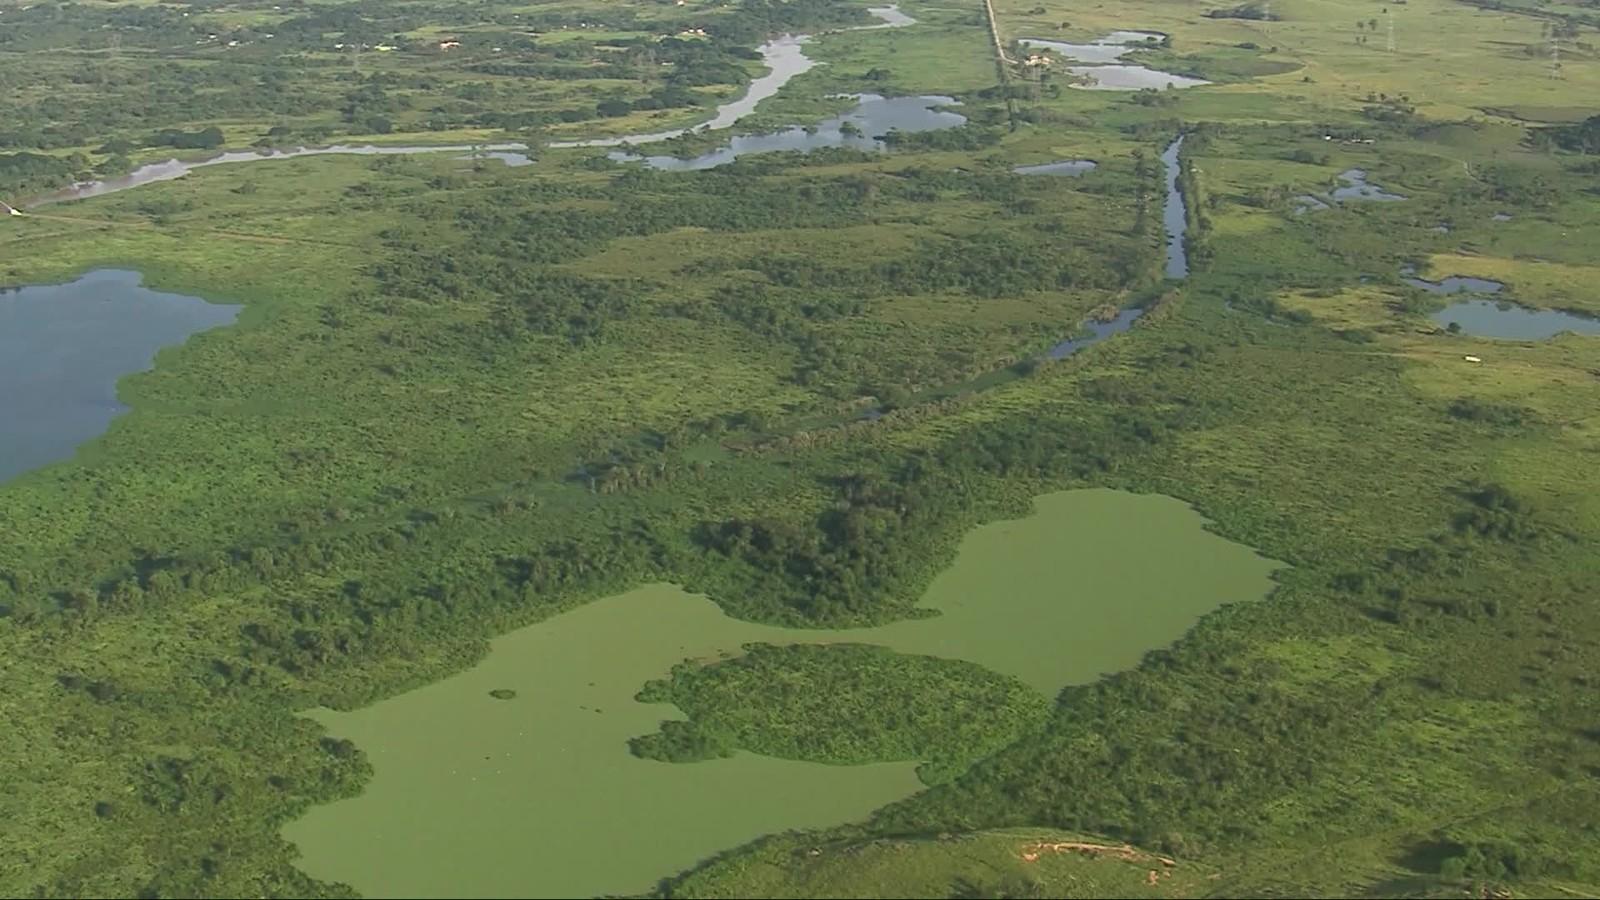 Lago coberto de algas - Guadu